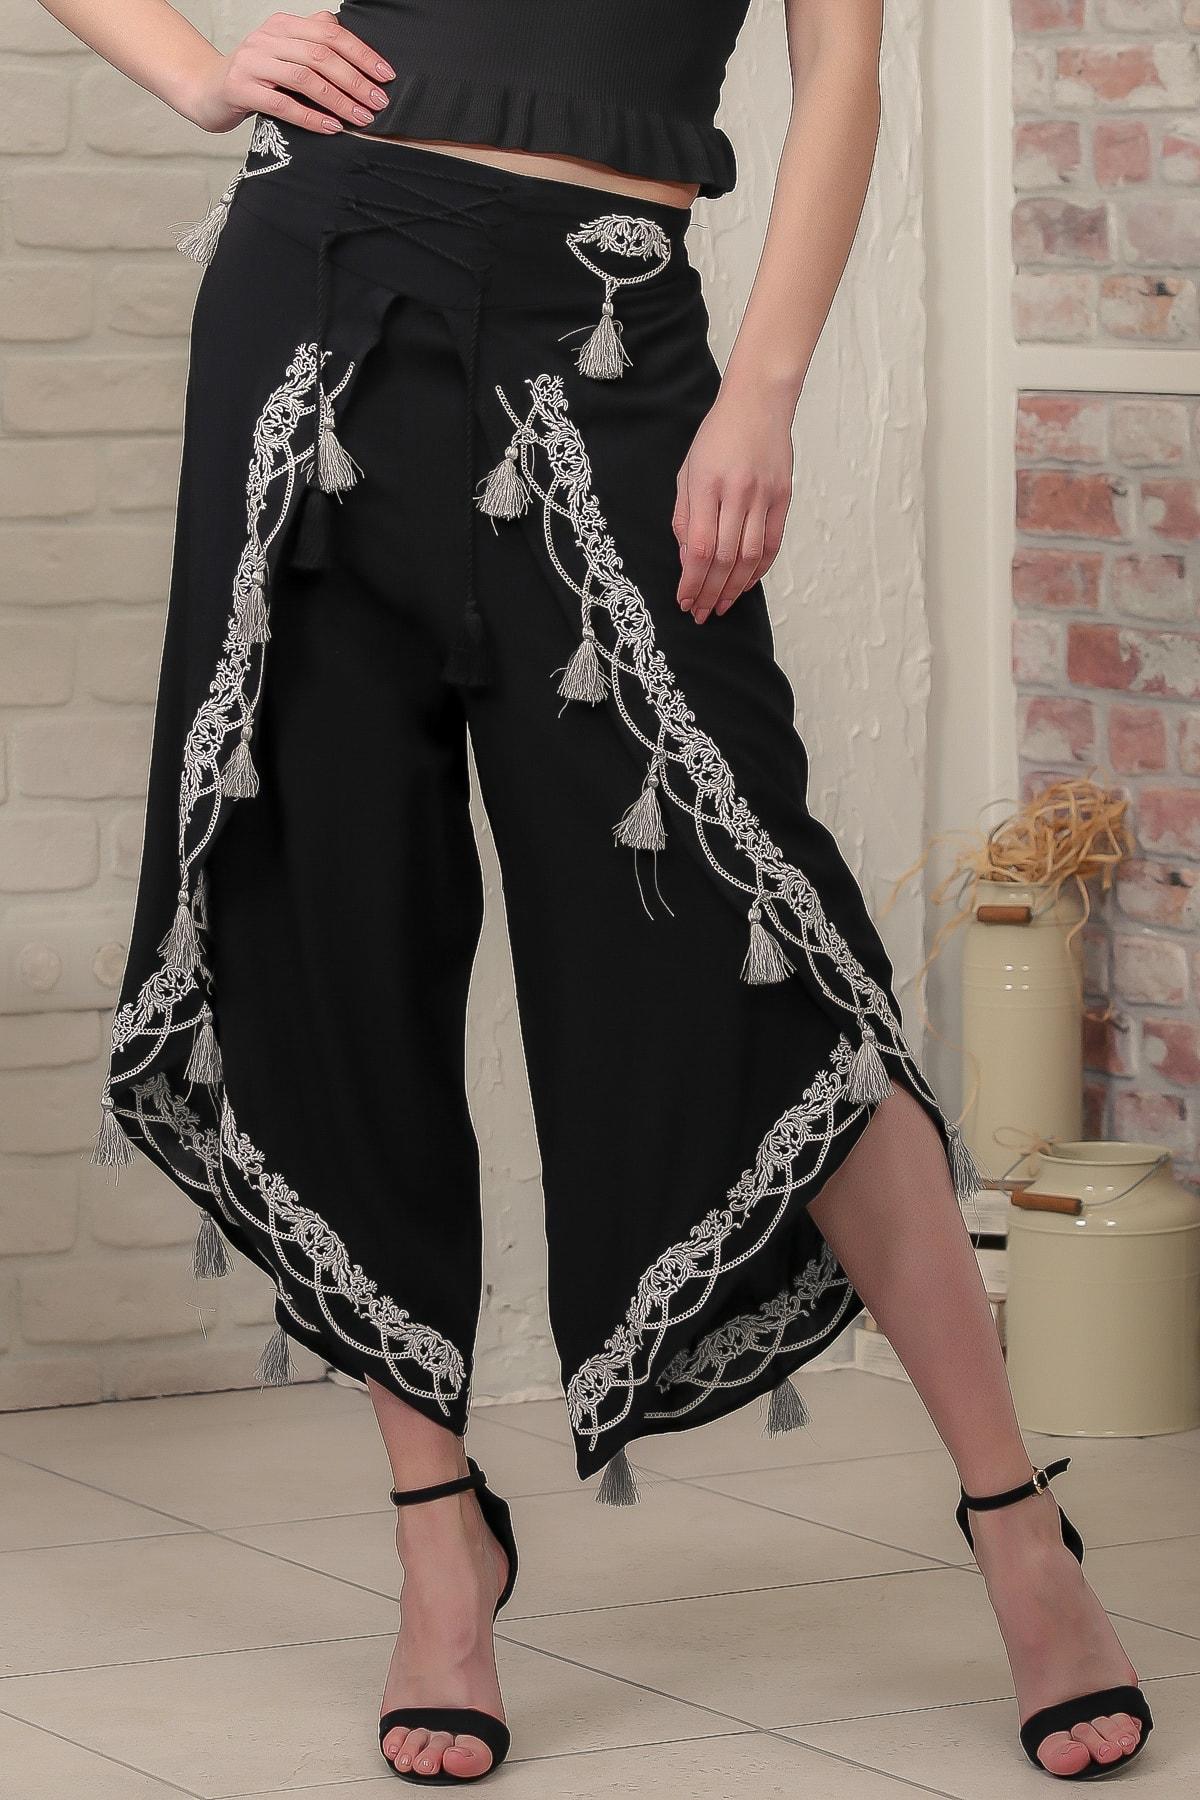 Chiccy Kadın Siyah Gümüş Nakışlı Püsküllü Bağlama İp Detaylı Zarf Pantolon M10060000PN98940